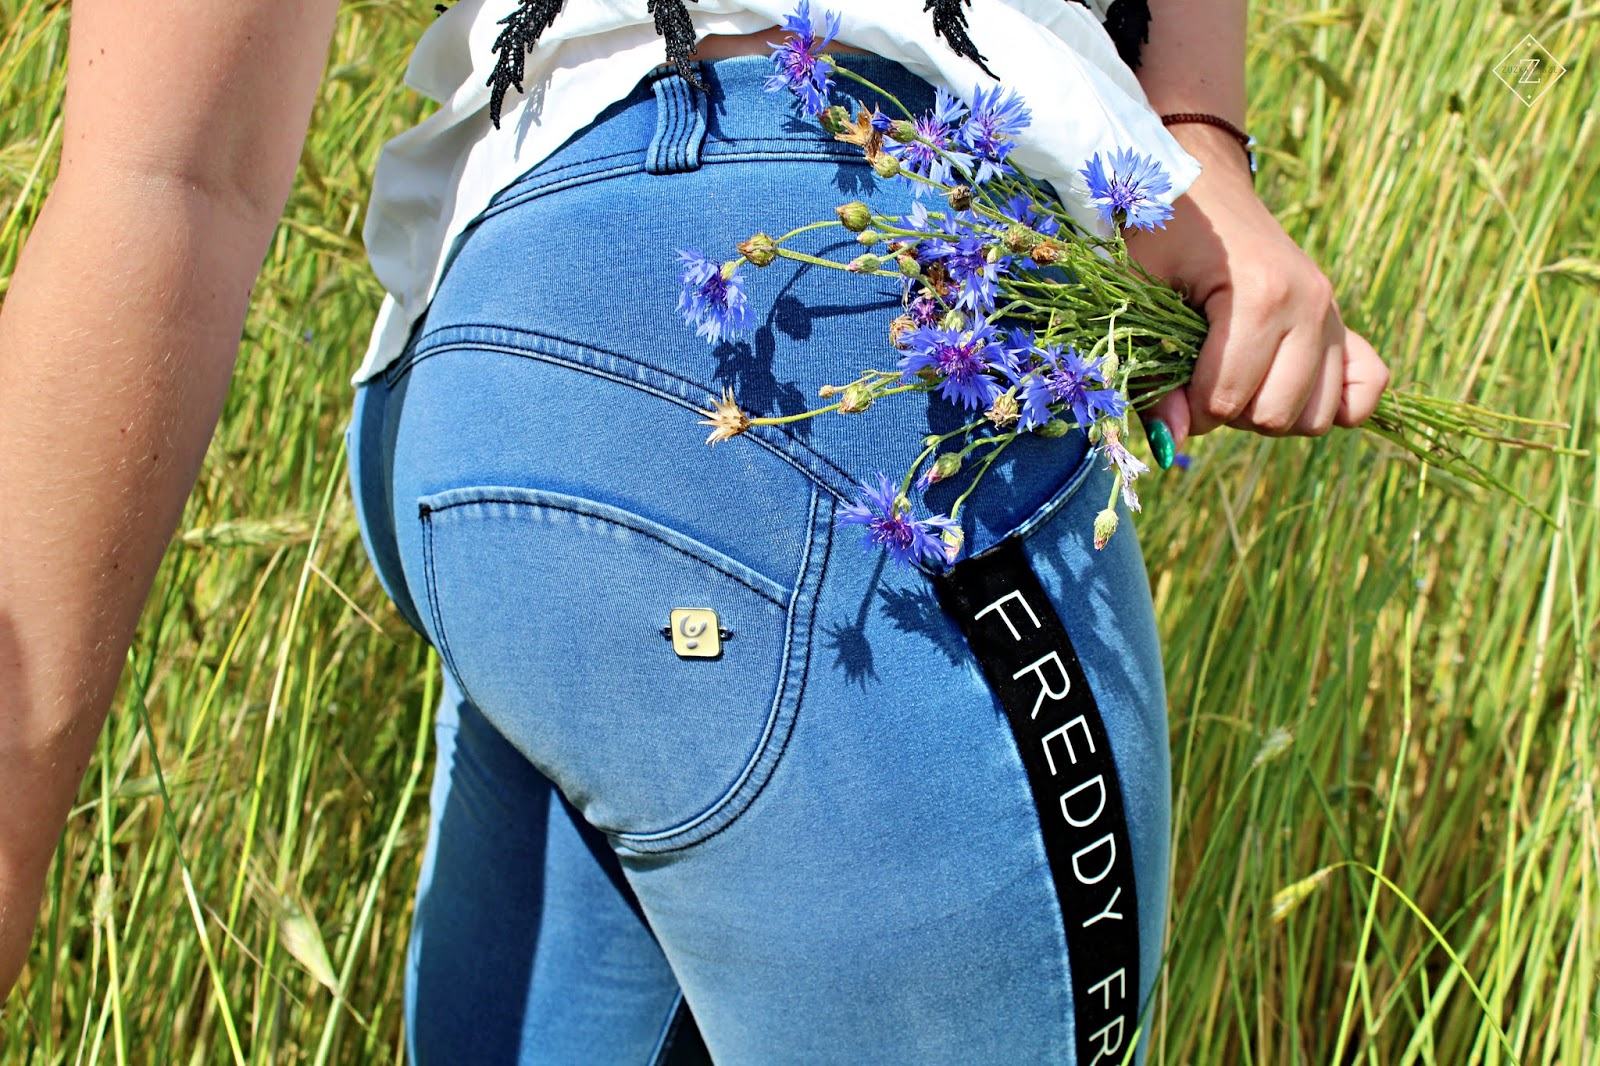 Jedyne takie spodnie modelujące pośladki - WR.UP® Denim - FREDDY Polska